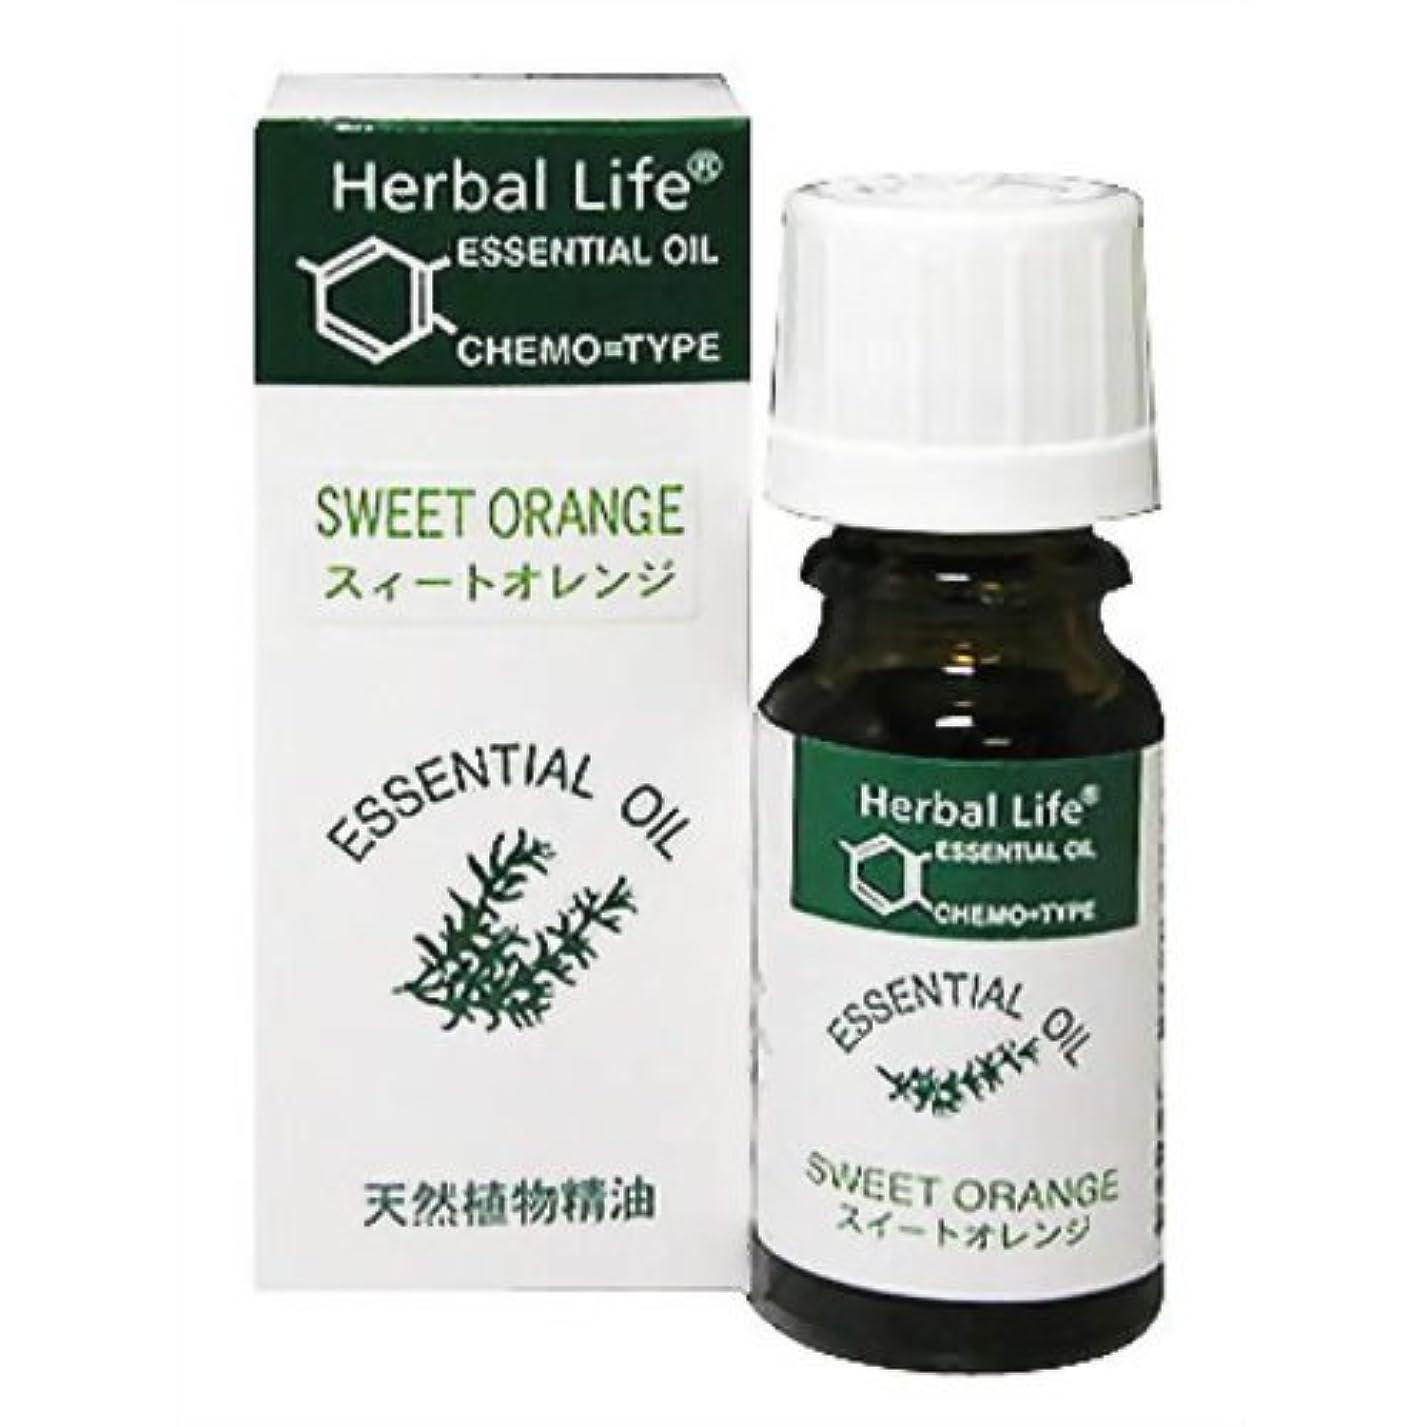 伝導同情的手を差し伸べる生活の木 Herbal Life スィートオレンジ 10ml